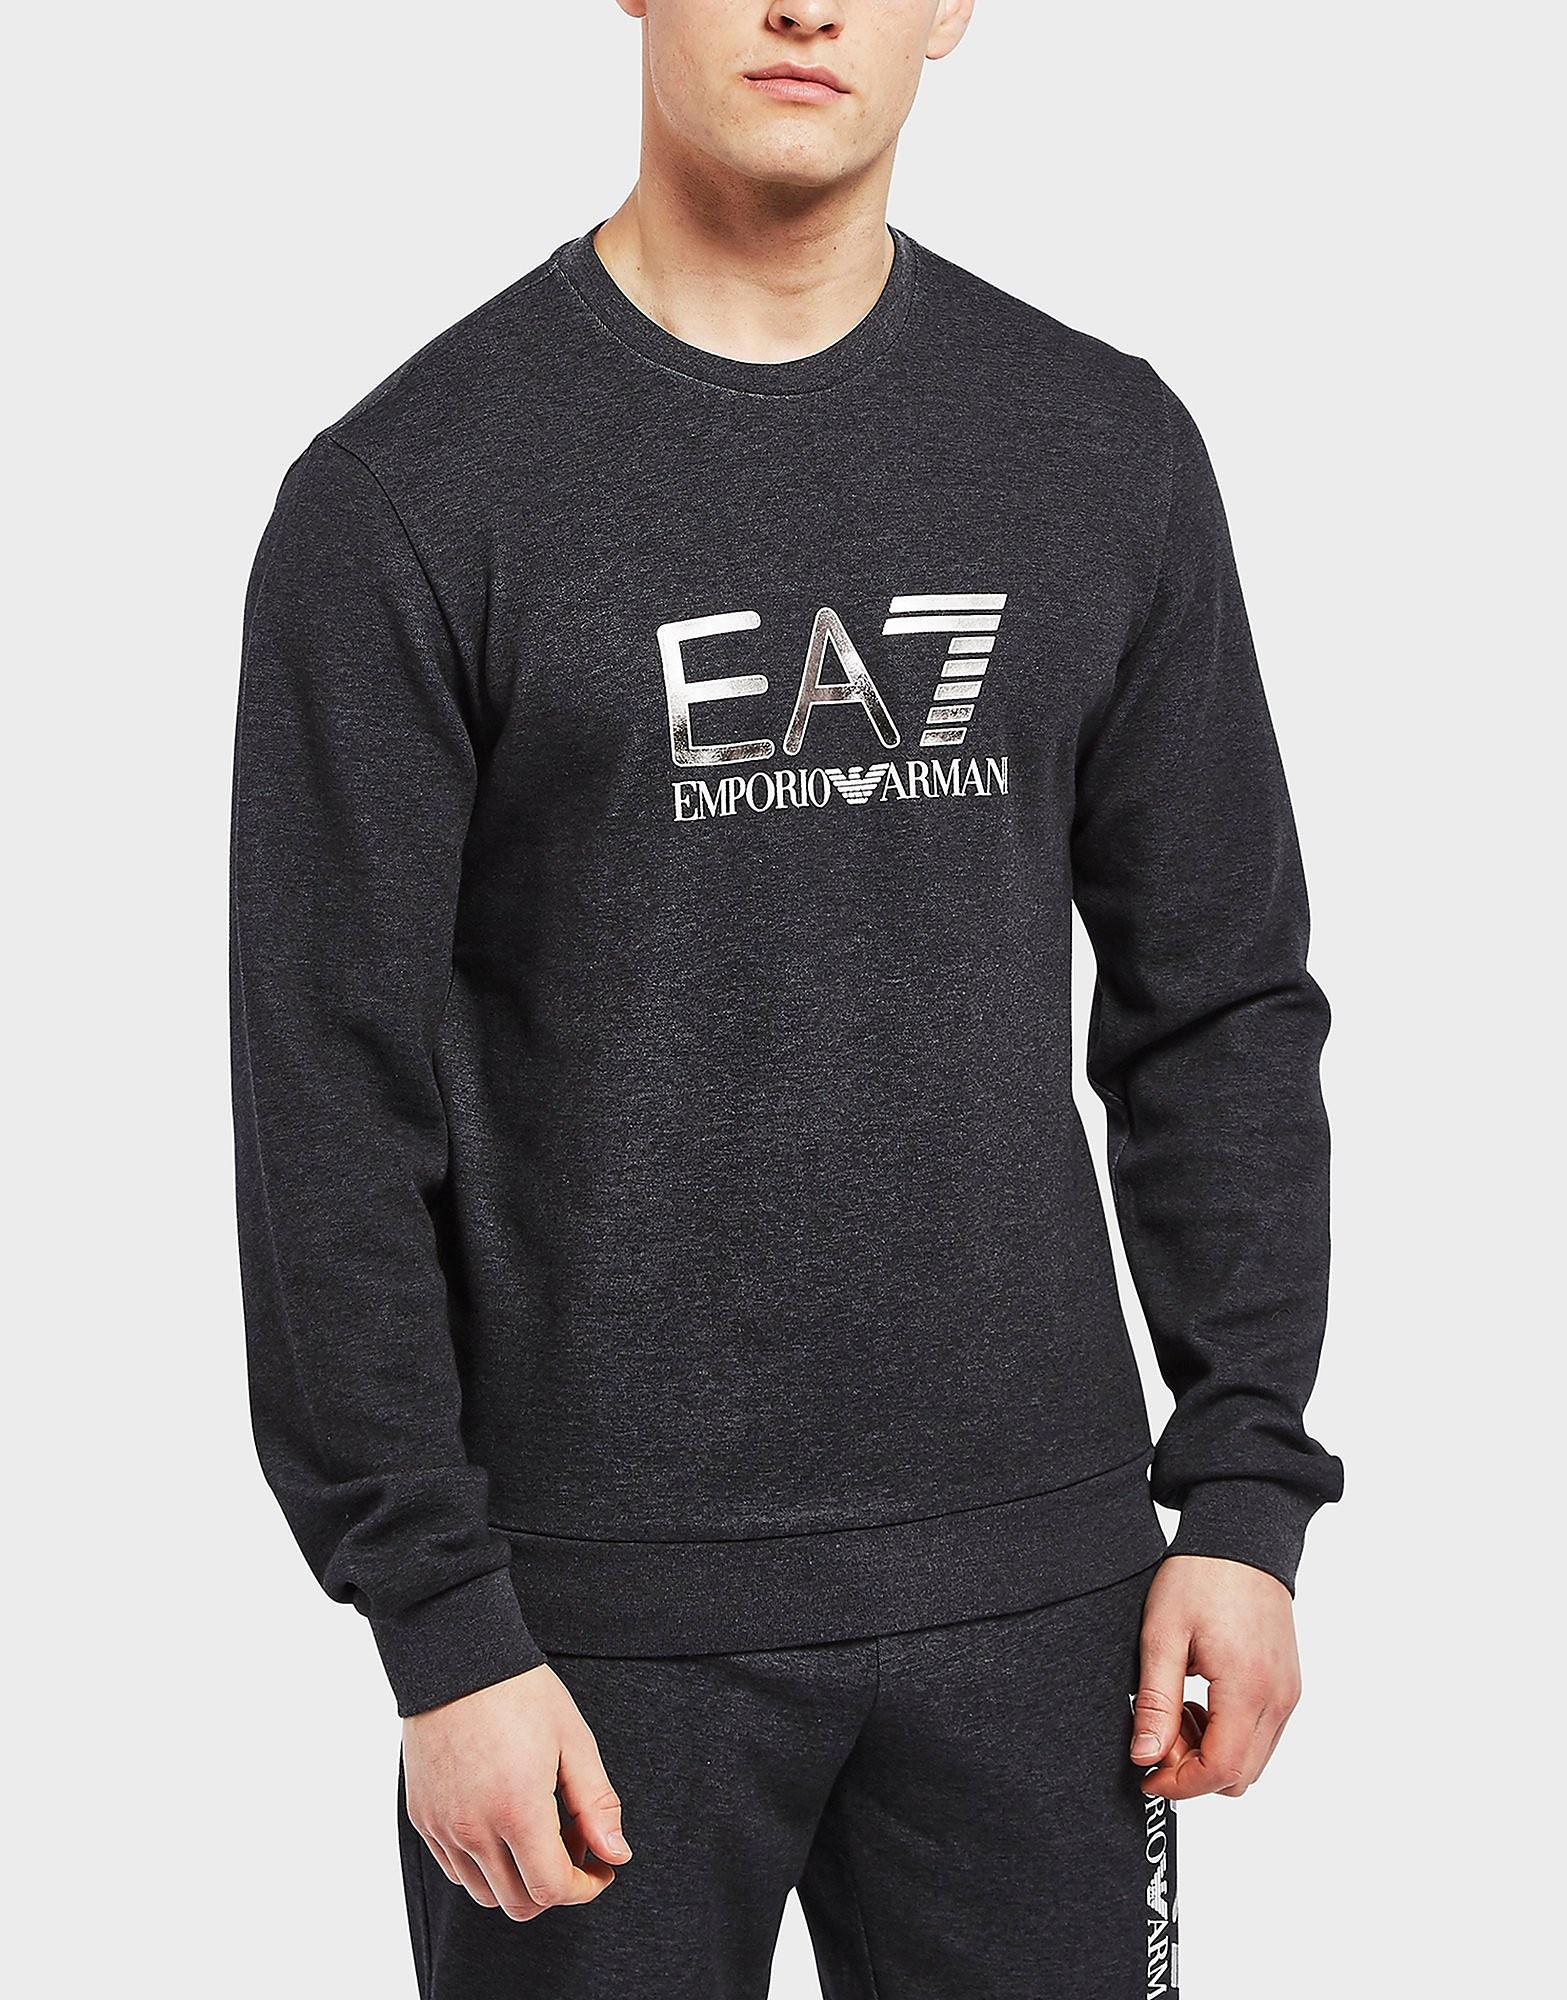 Emporio Armani EA7 Visibility Logo Crew Sweatshirt - Exclusive